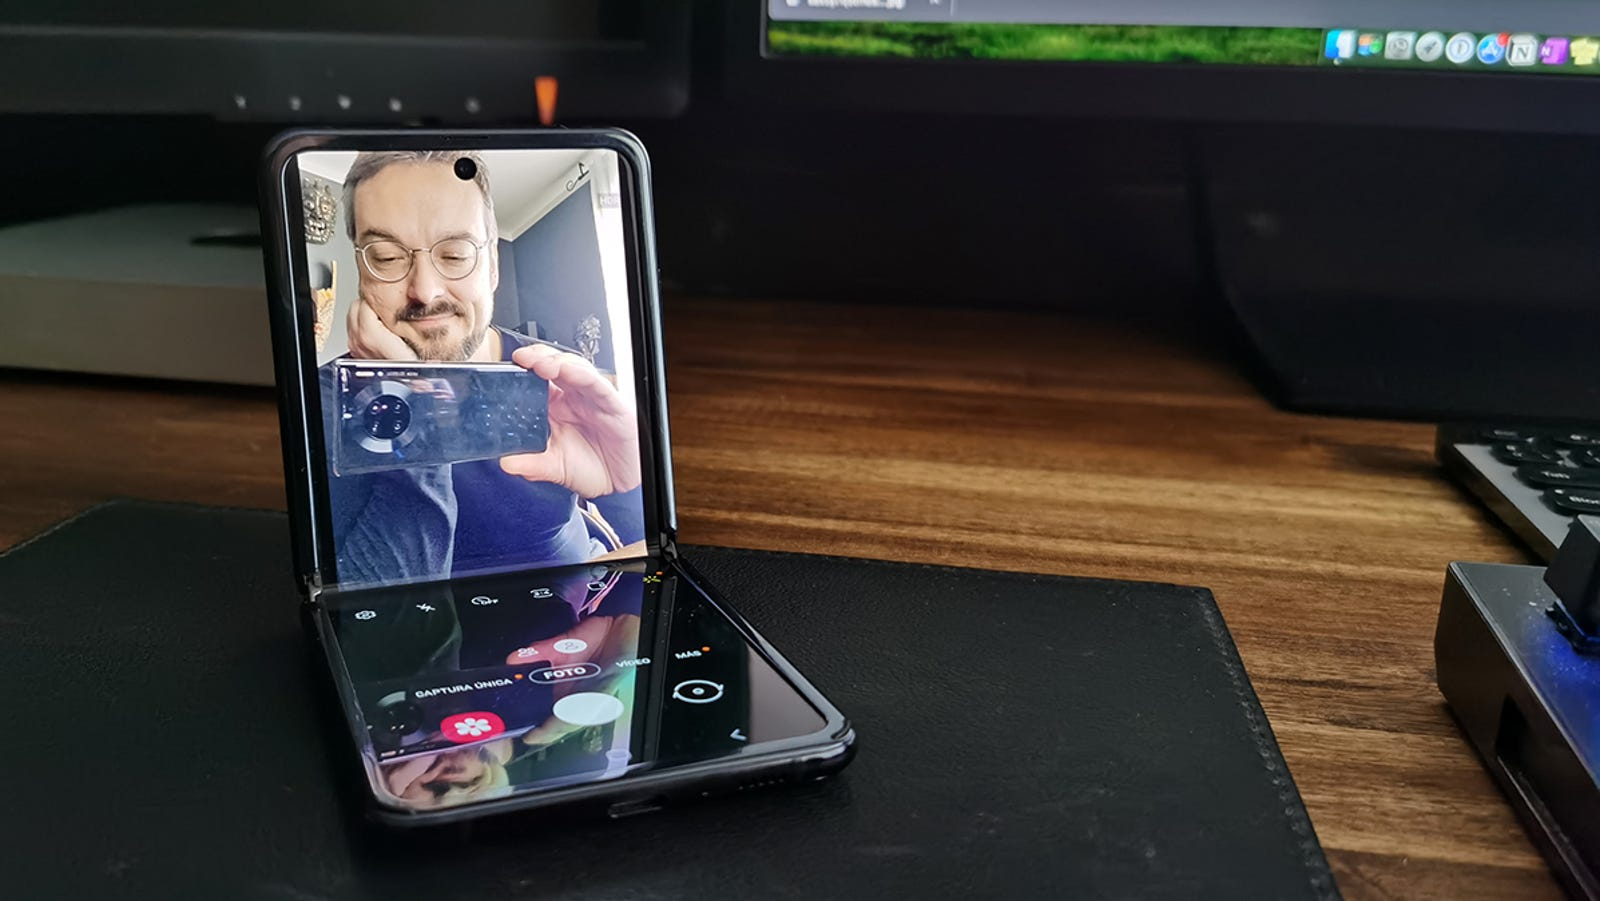 Nunca imaginé que poder posar el móvil así iba a dar tanto juego.